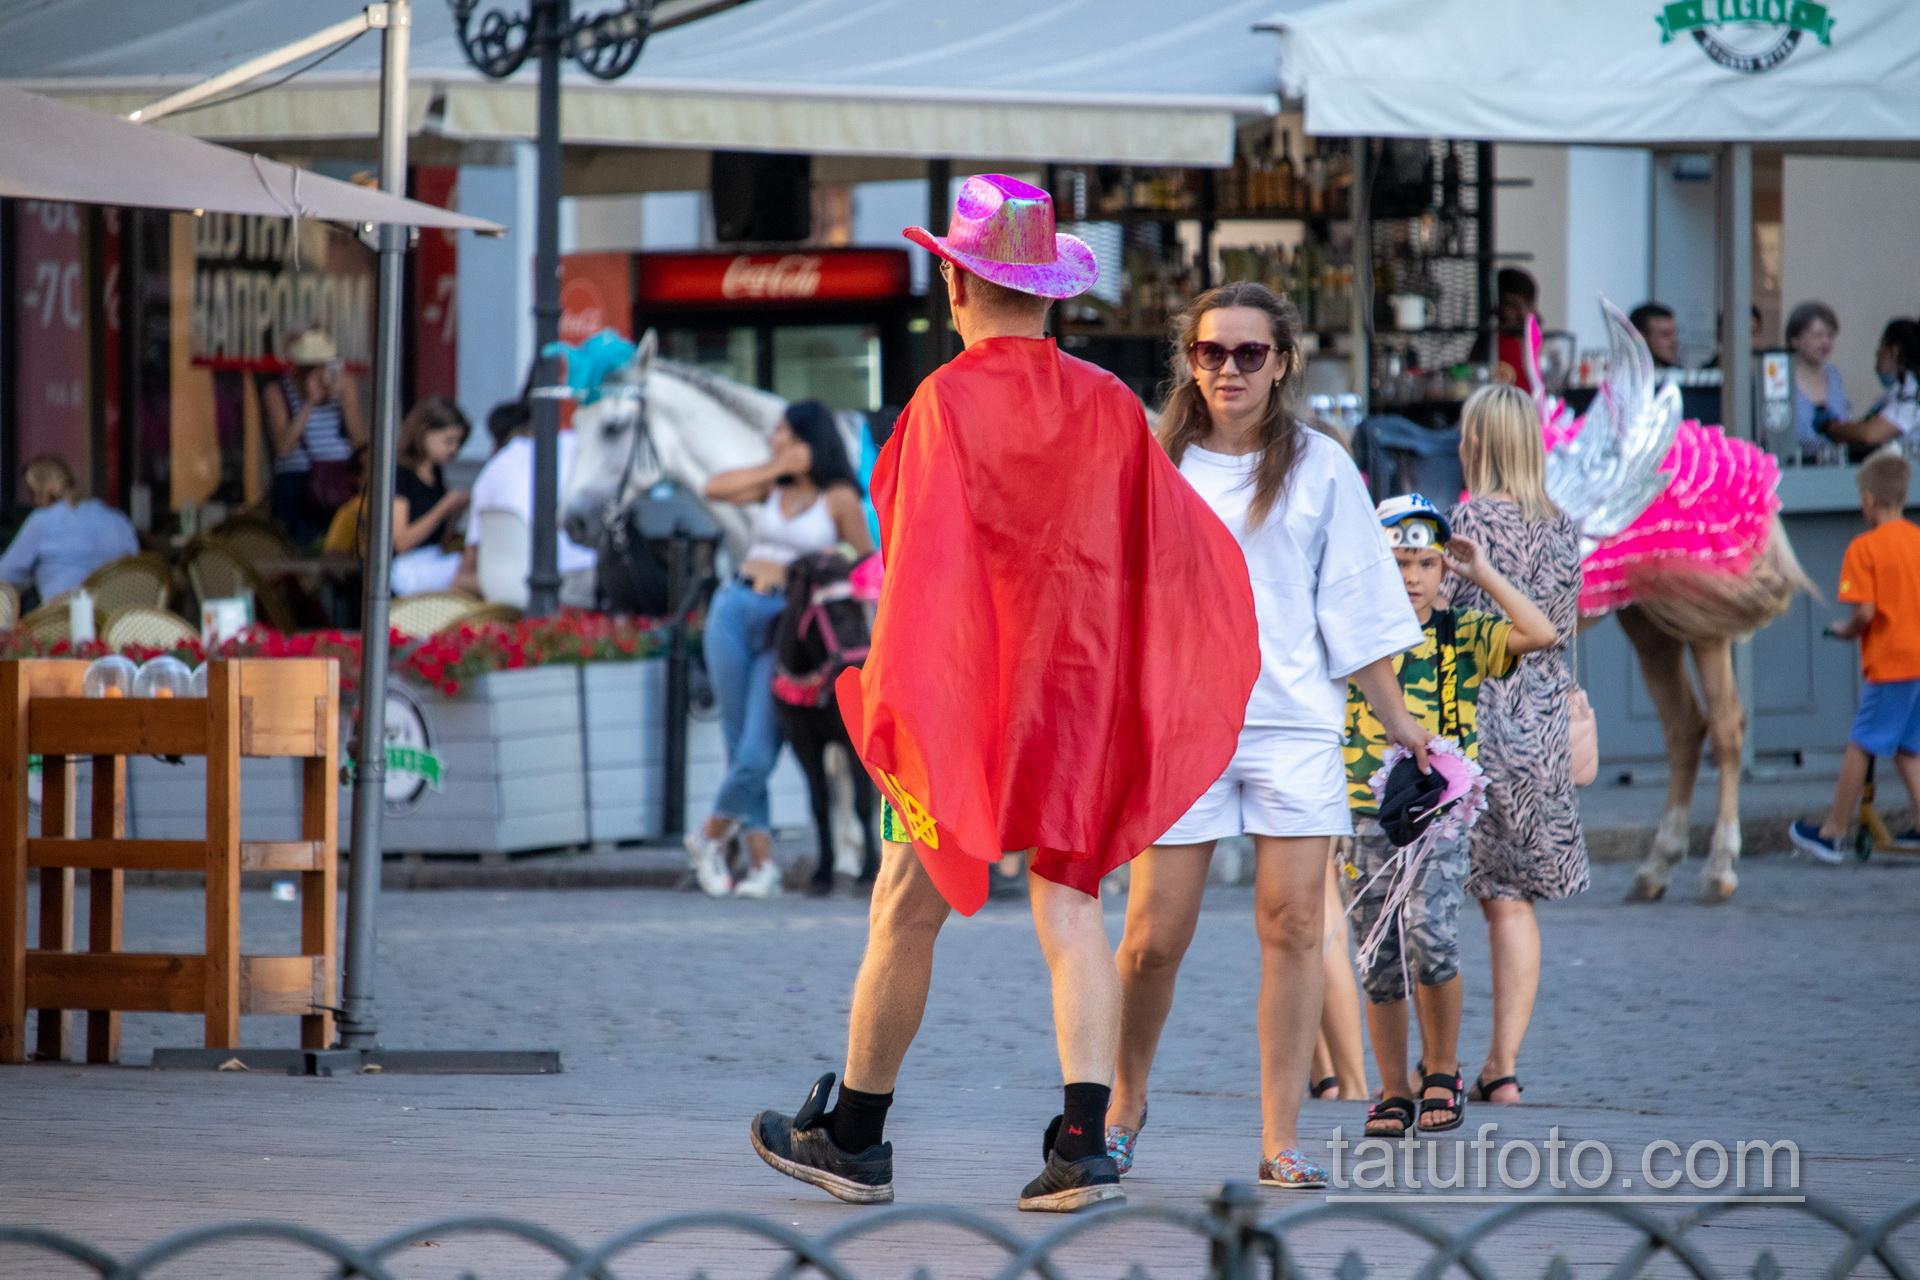 Фото мужчины в костюме героя с плащом и мечем – щитом с украинским гербом – Уличная татуировка 14.09.2020 – tatufoto.com 14